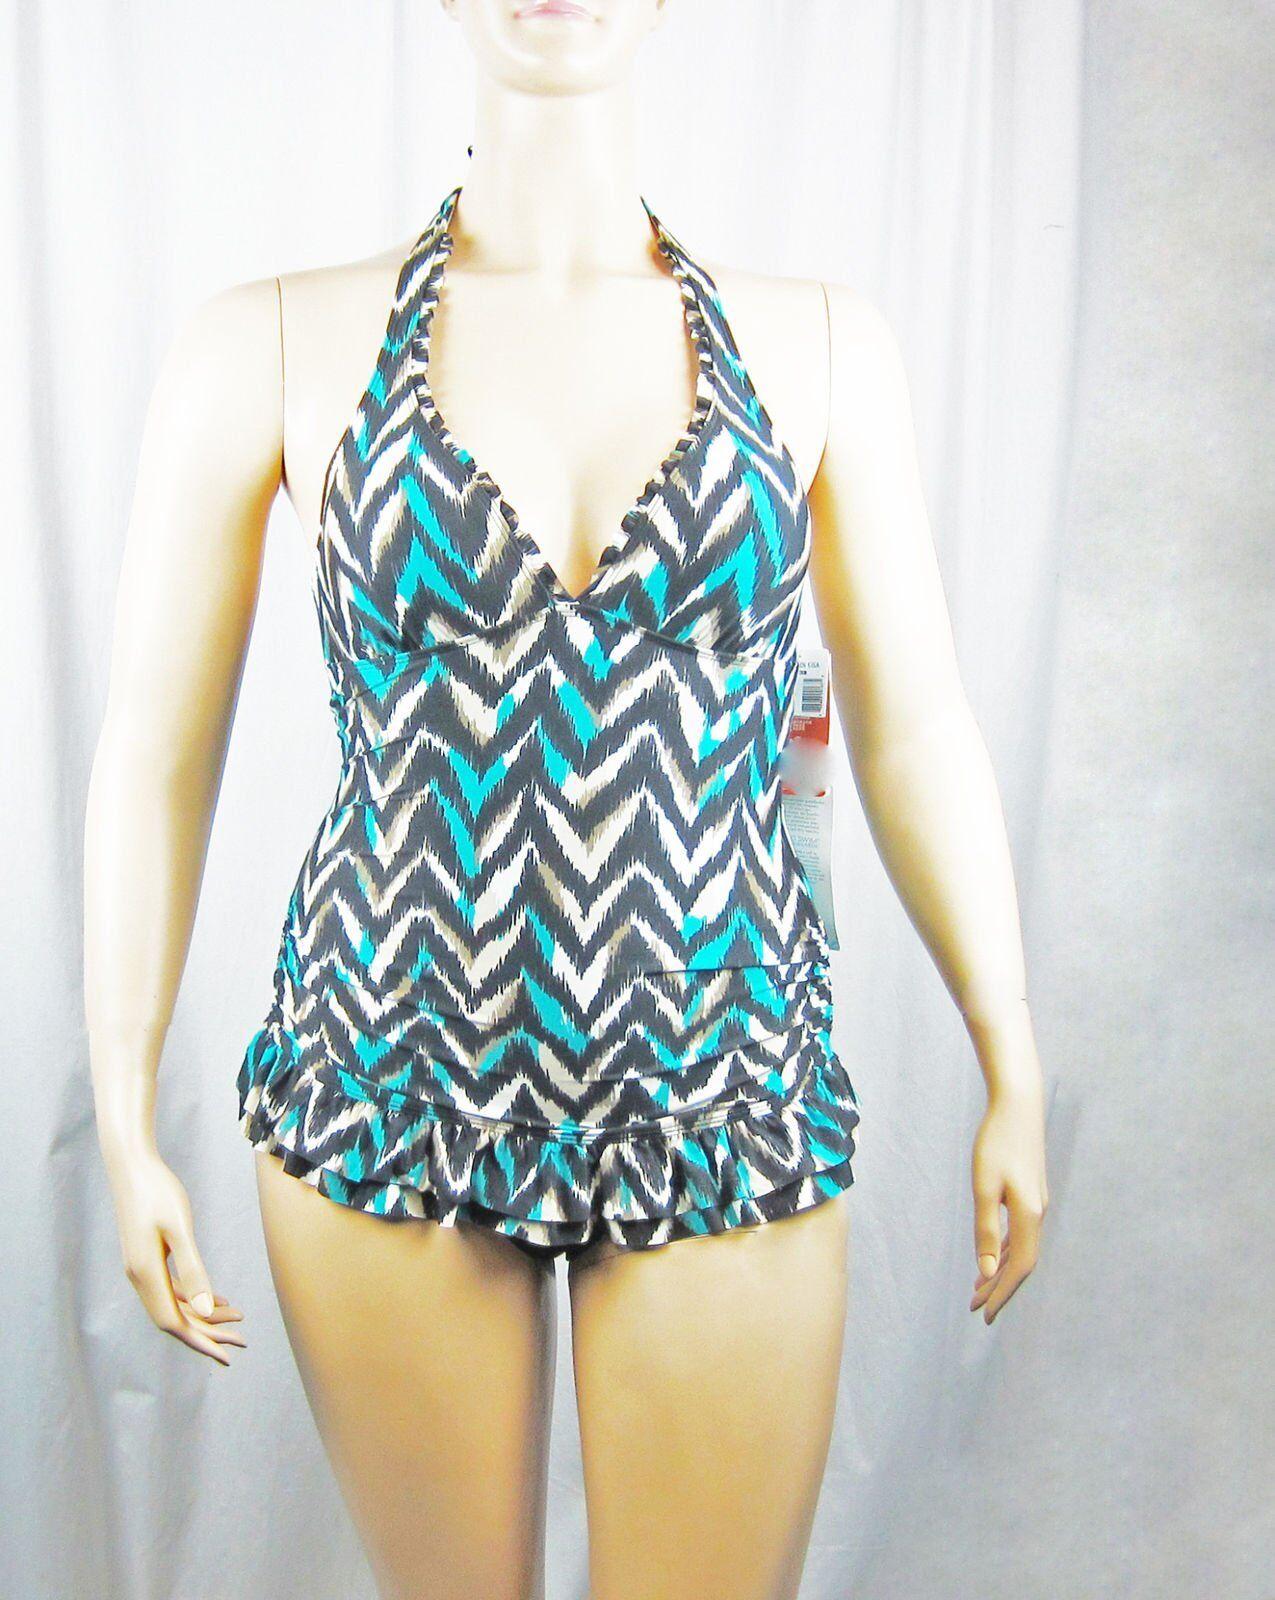 NWT Eco Swim by Aqua Green Halter Chevron Print Swimdress Multi color Size 10